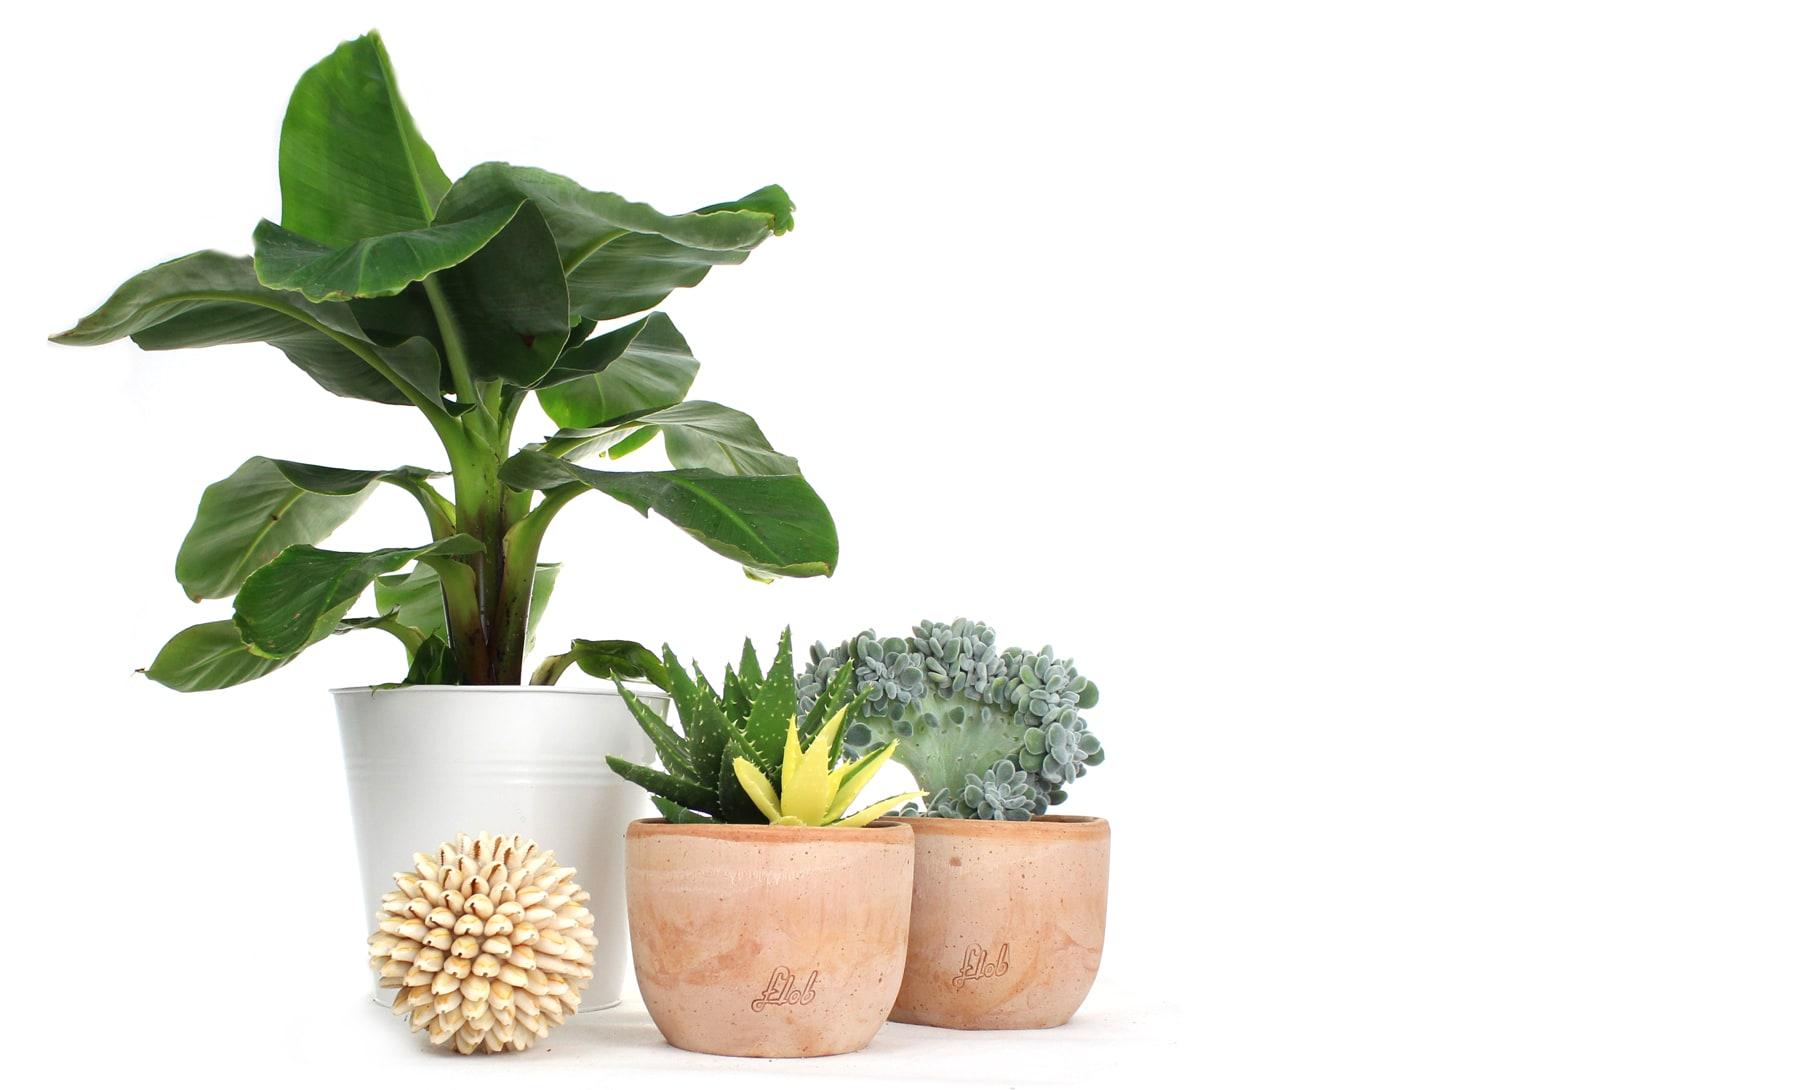 Come Far Morire Una Pianta pianta di banano: si può coltivare in appartamento? - blog